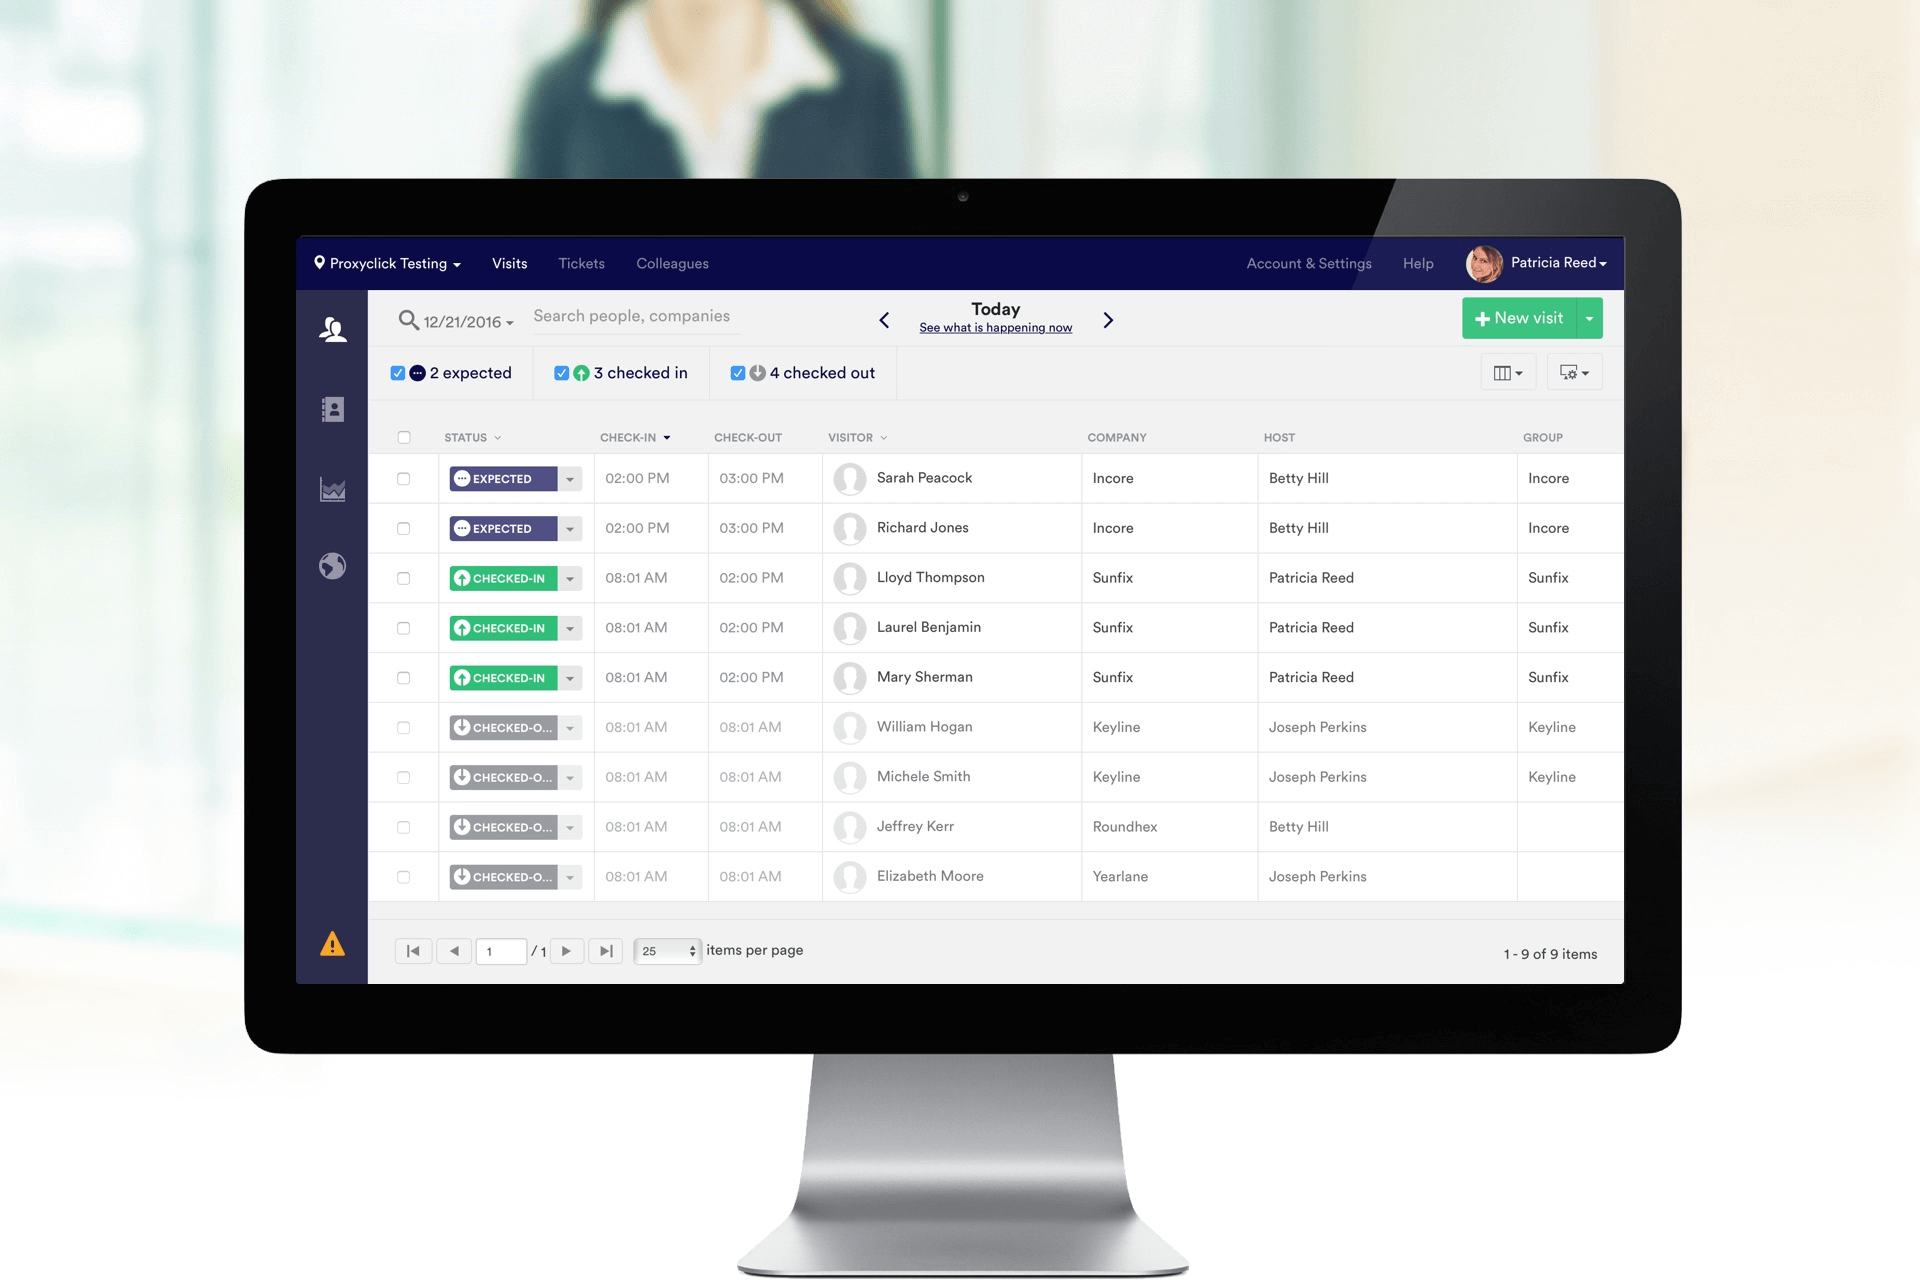 Proxyclick bezoekersregistratie app